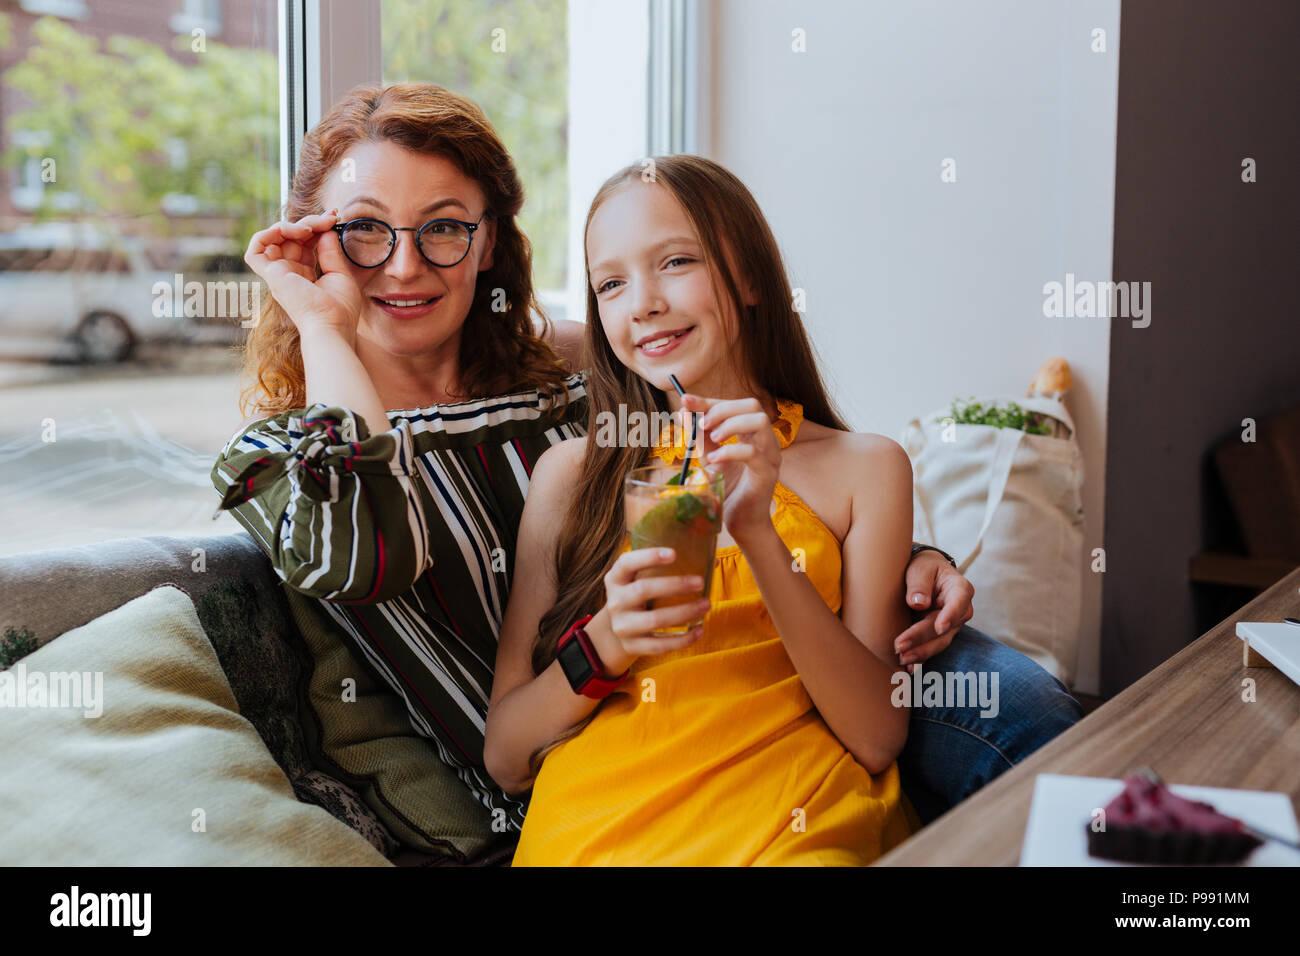 Rothaarige Mutter Brille trägt ihre angenehmen Mädchen umarmt Stockbild